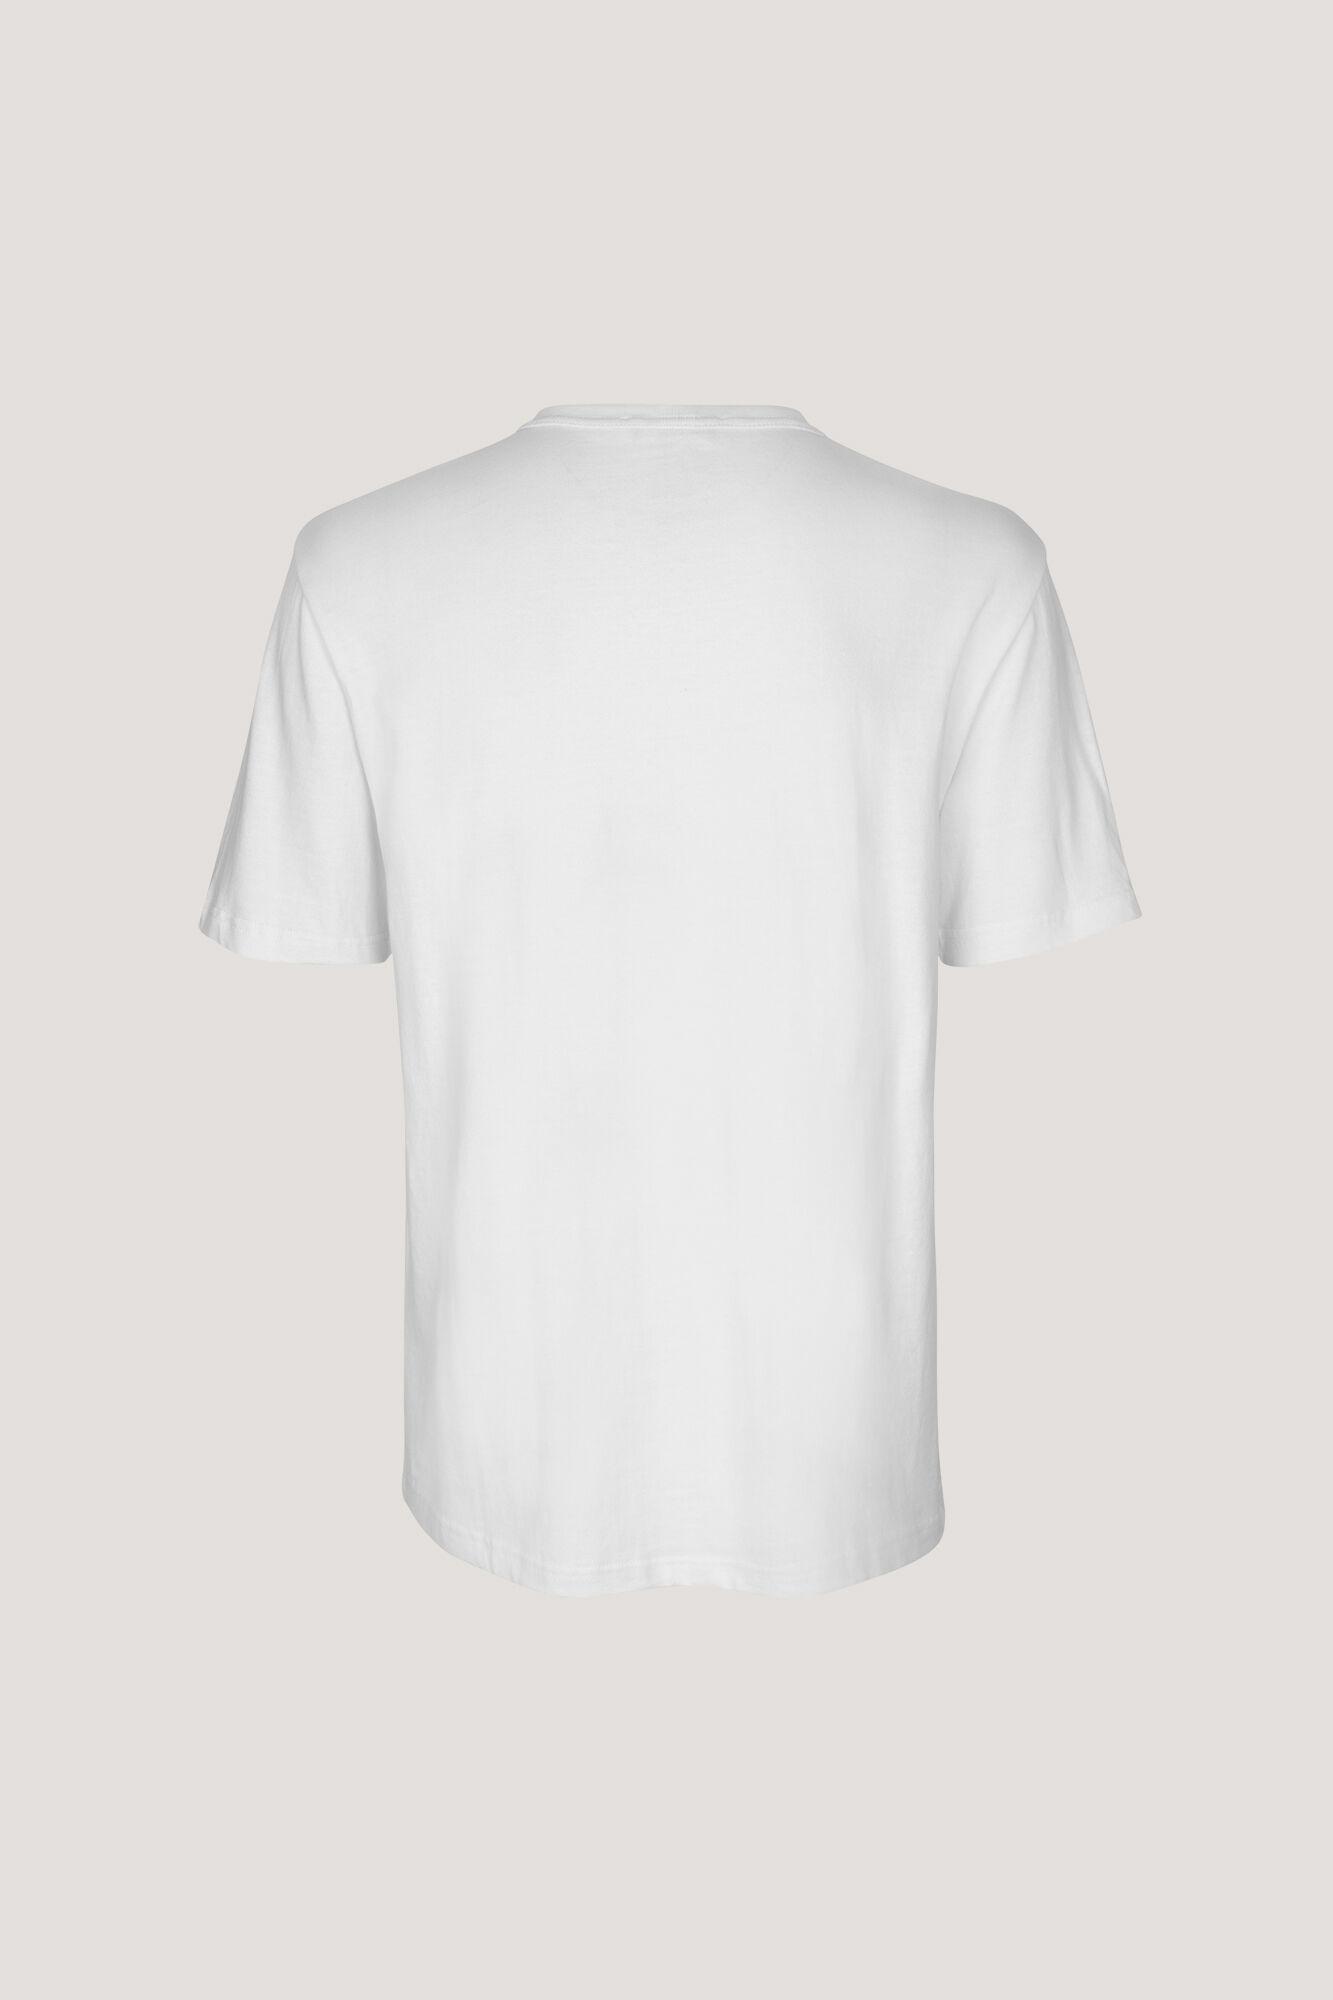 Ballerup t-shirt 8238